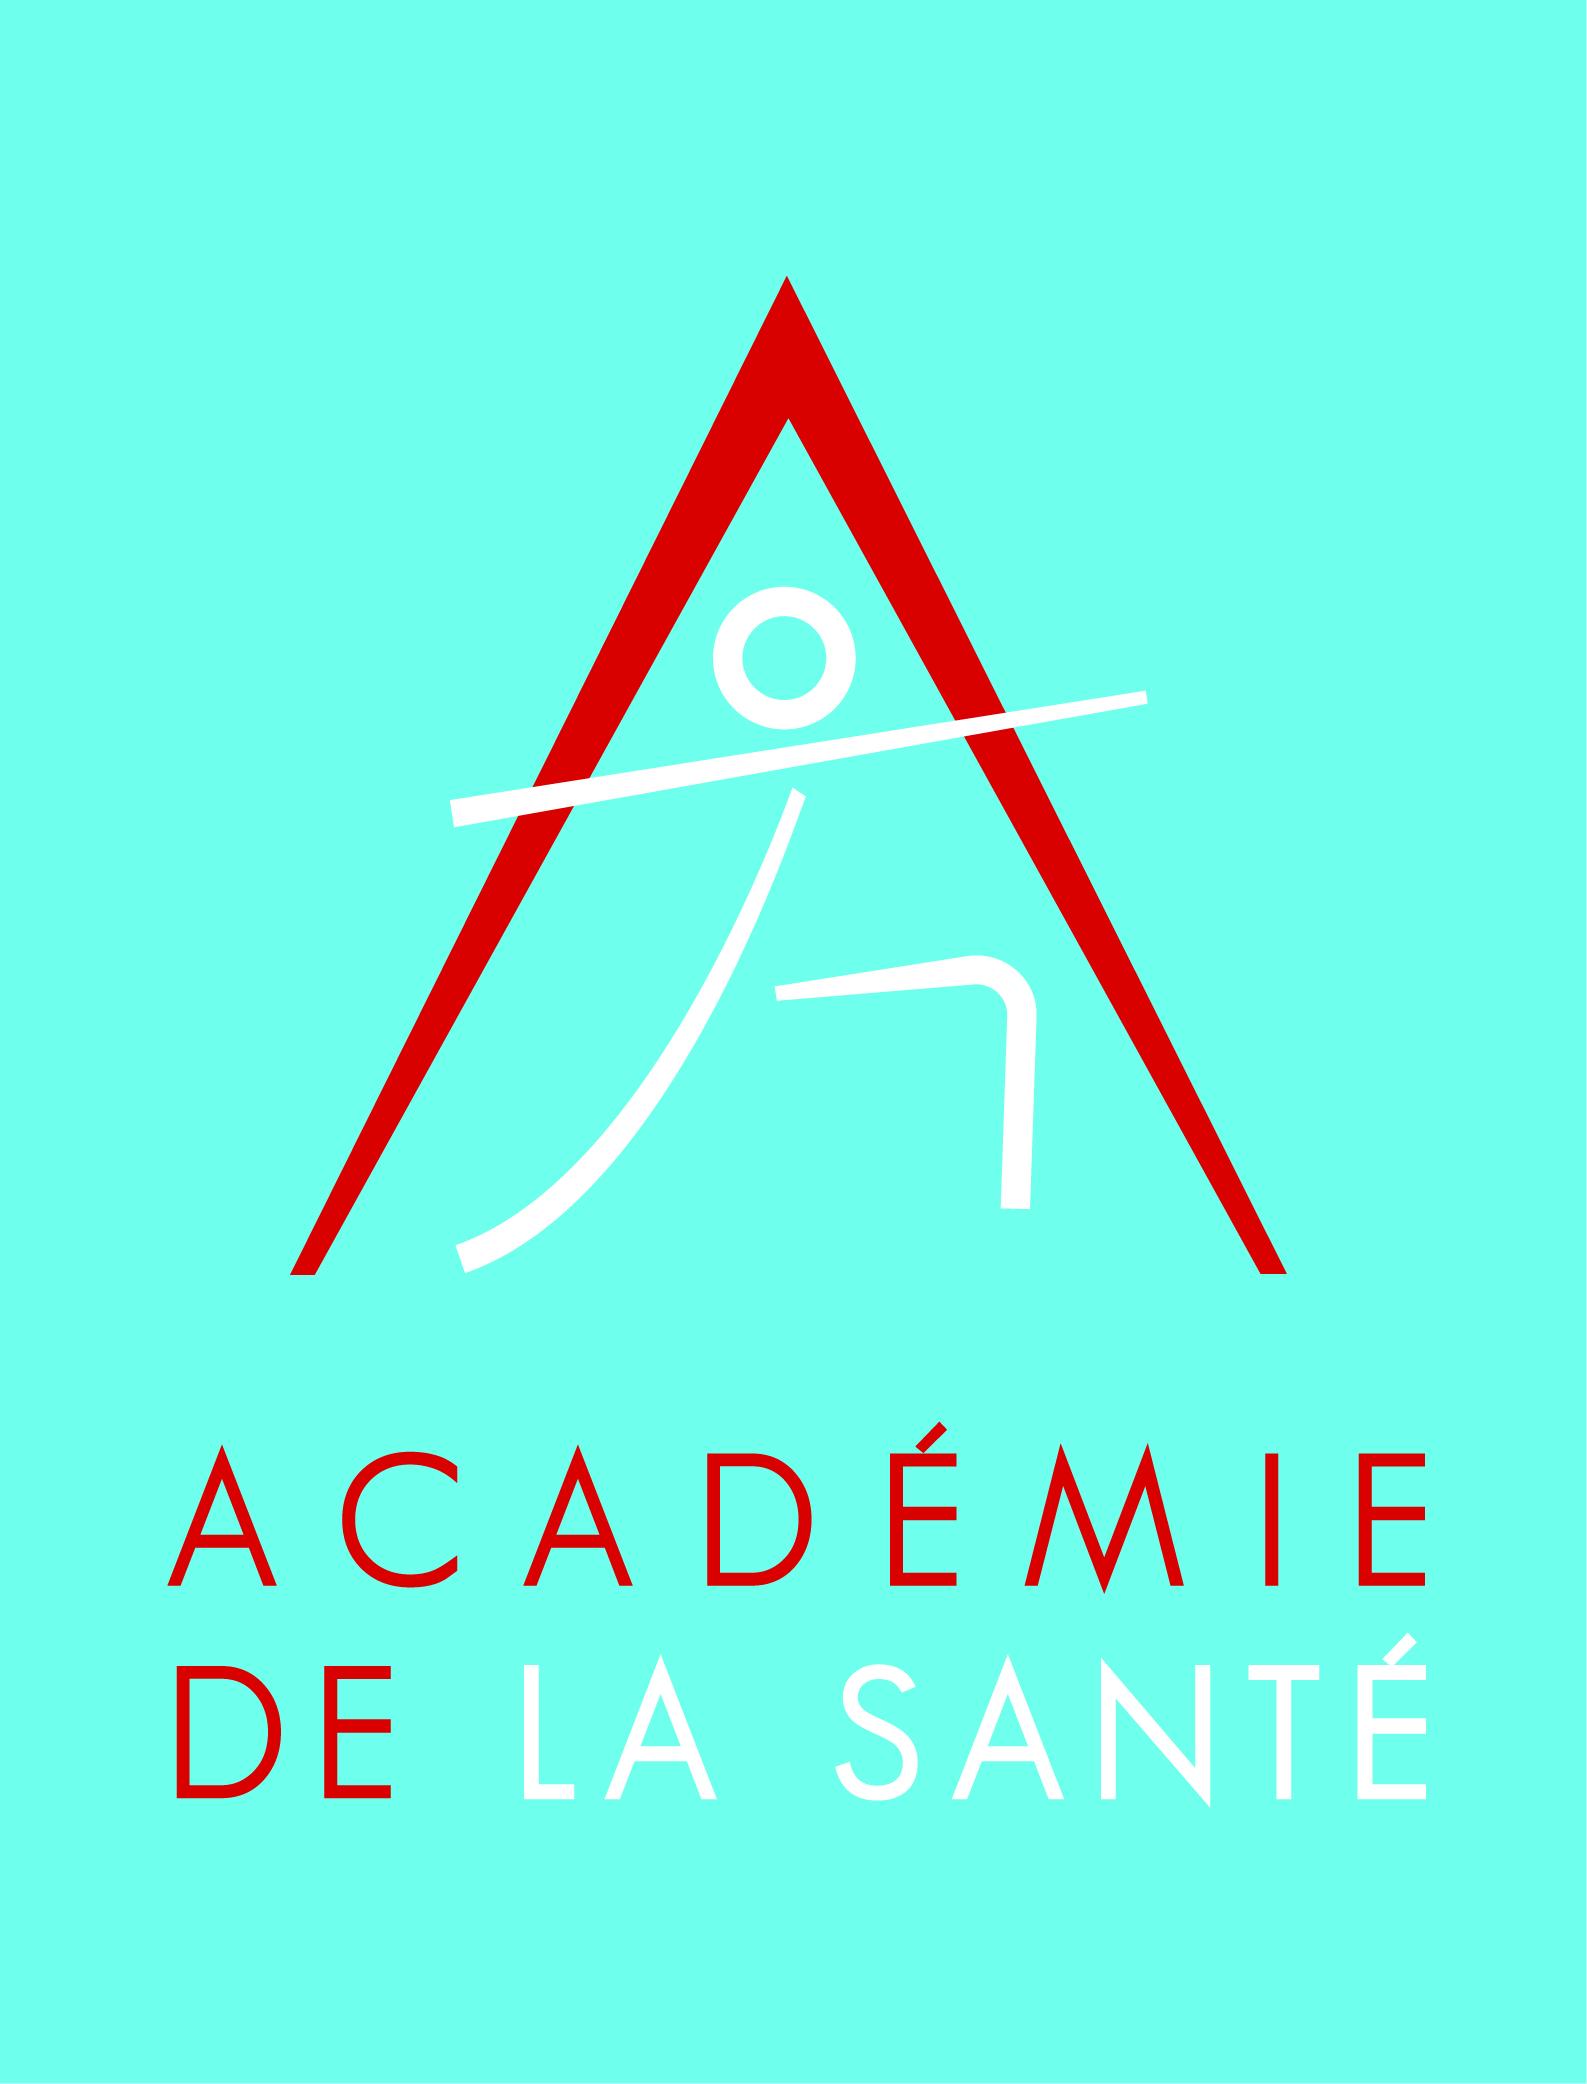 Académie de la santé